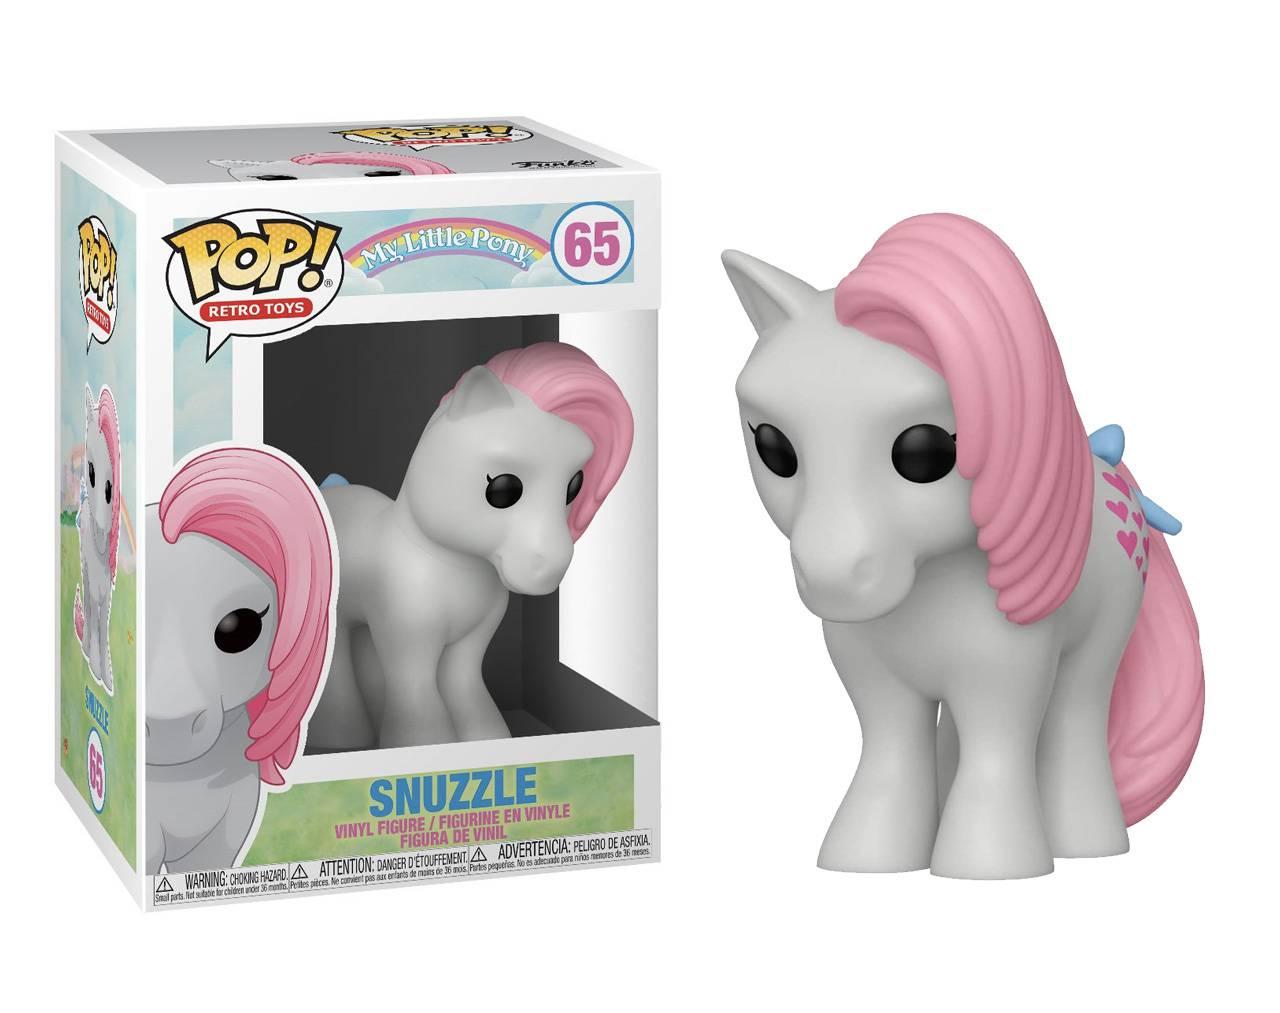 Snuzzle Pop! Vinyl